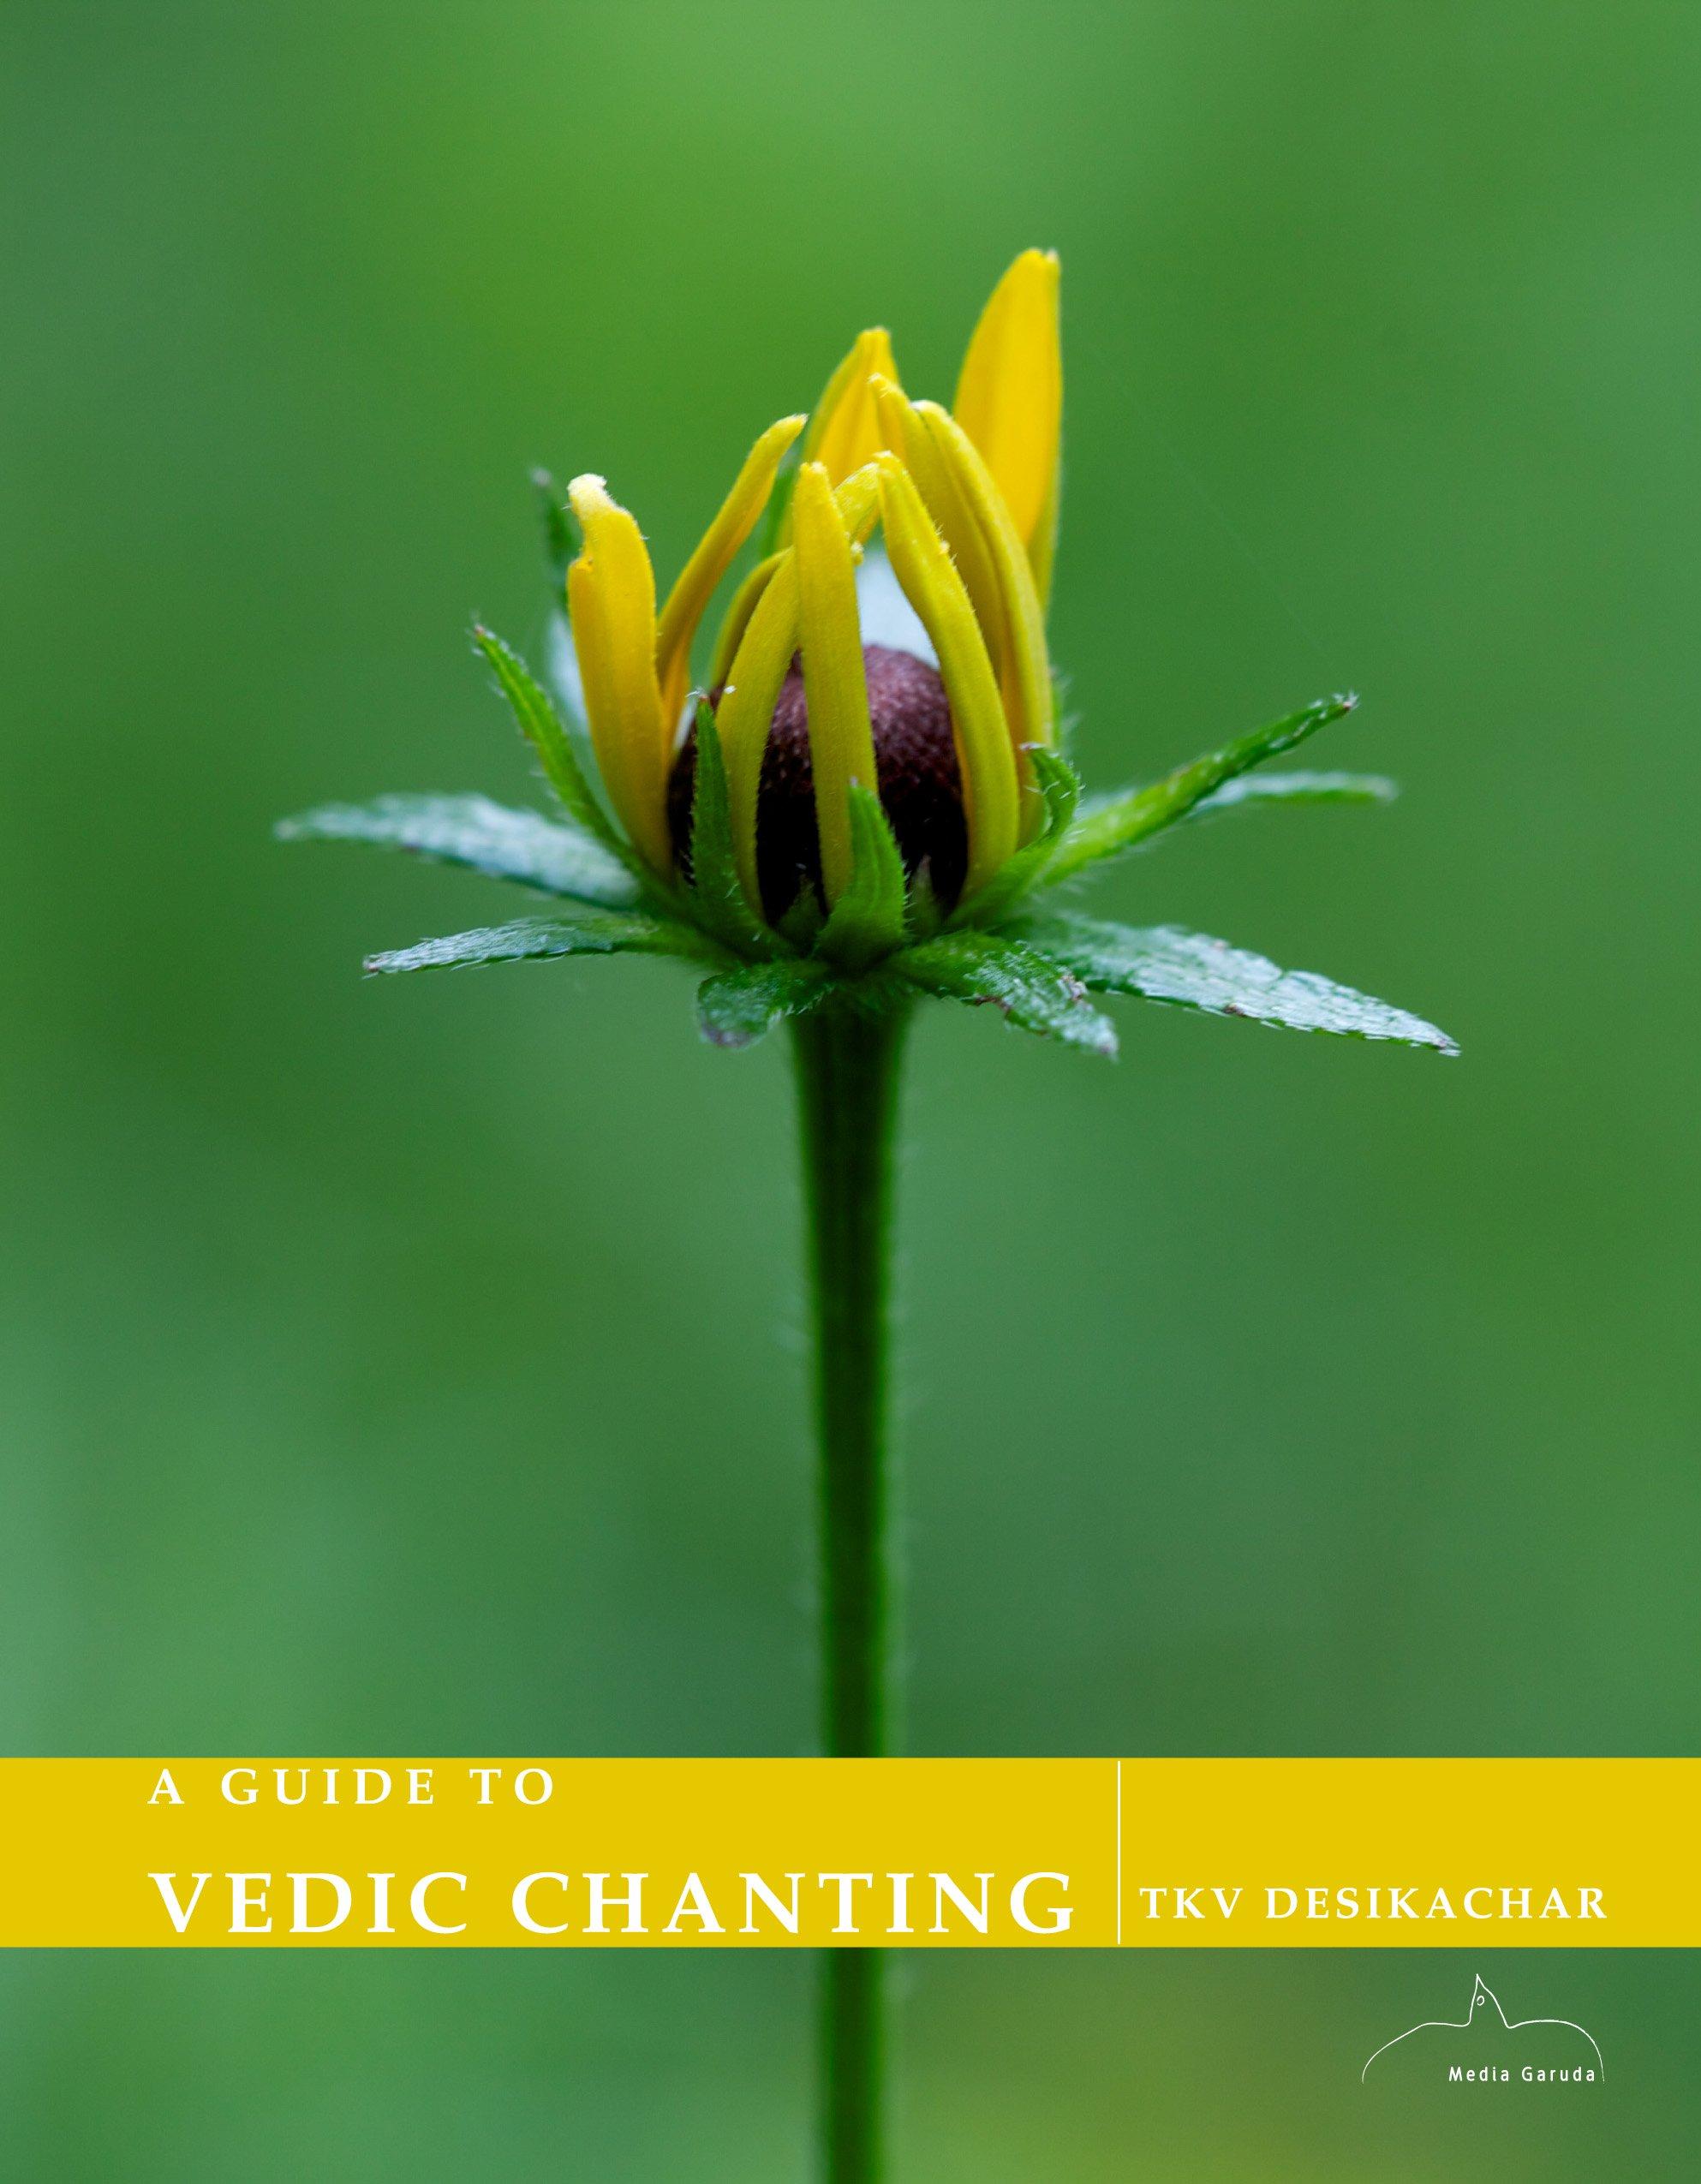 A Guide To Vedic Chanting Tkv Desikachar Dr Kausthub